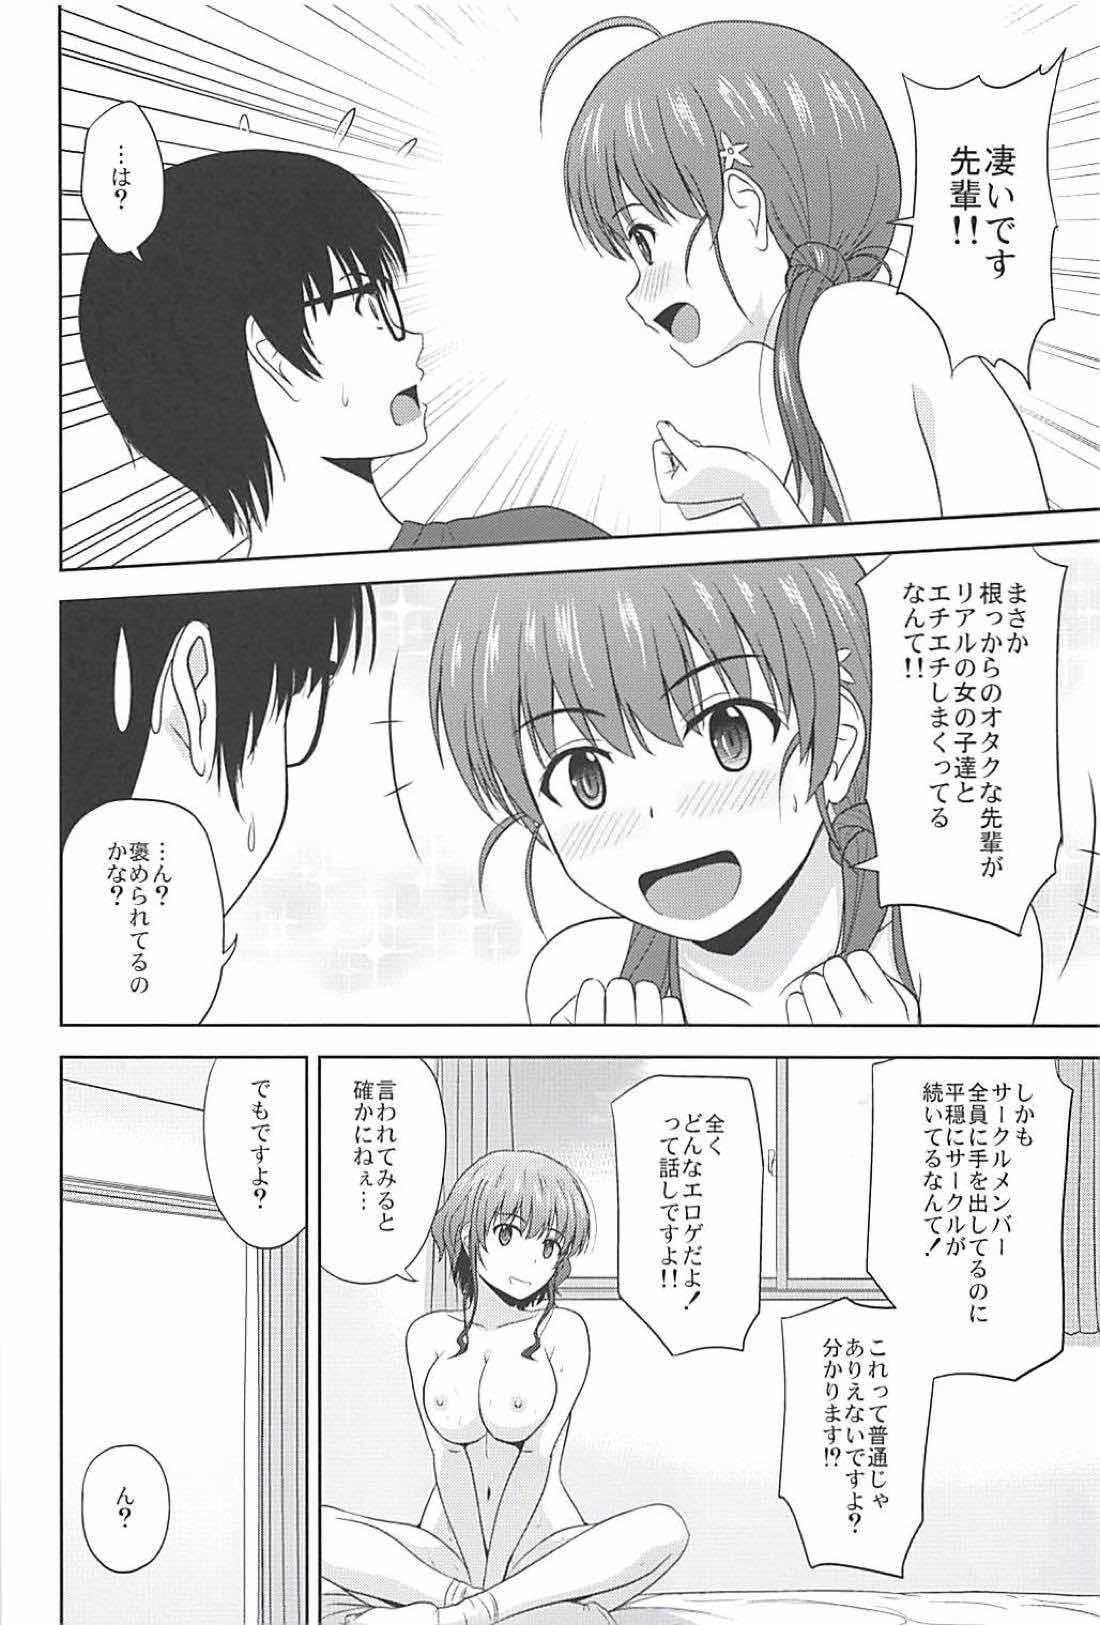 Shinsei Saenai Kanojo-tachi no Rinri Shinsakai 26